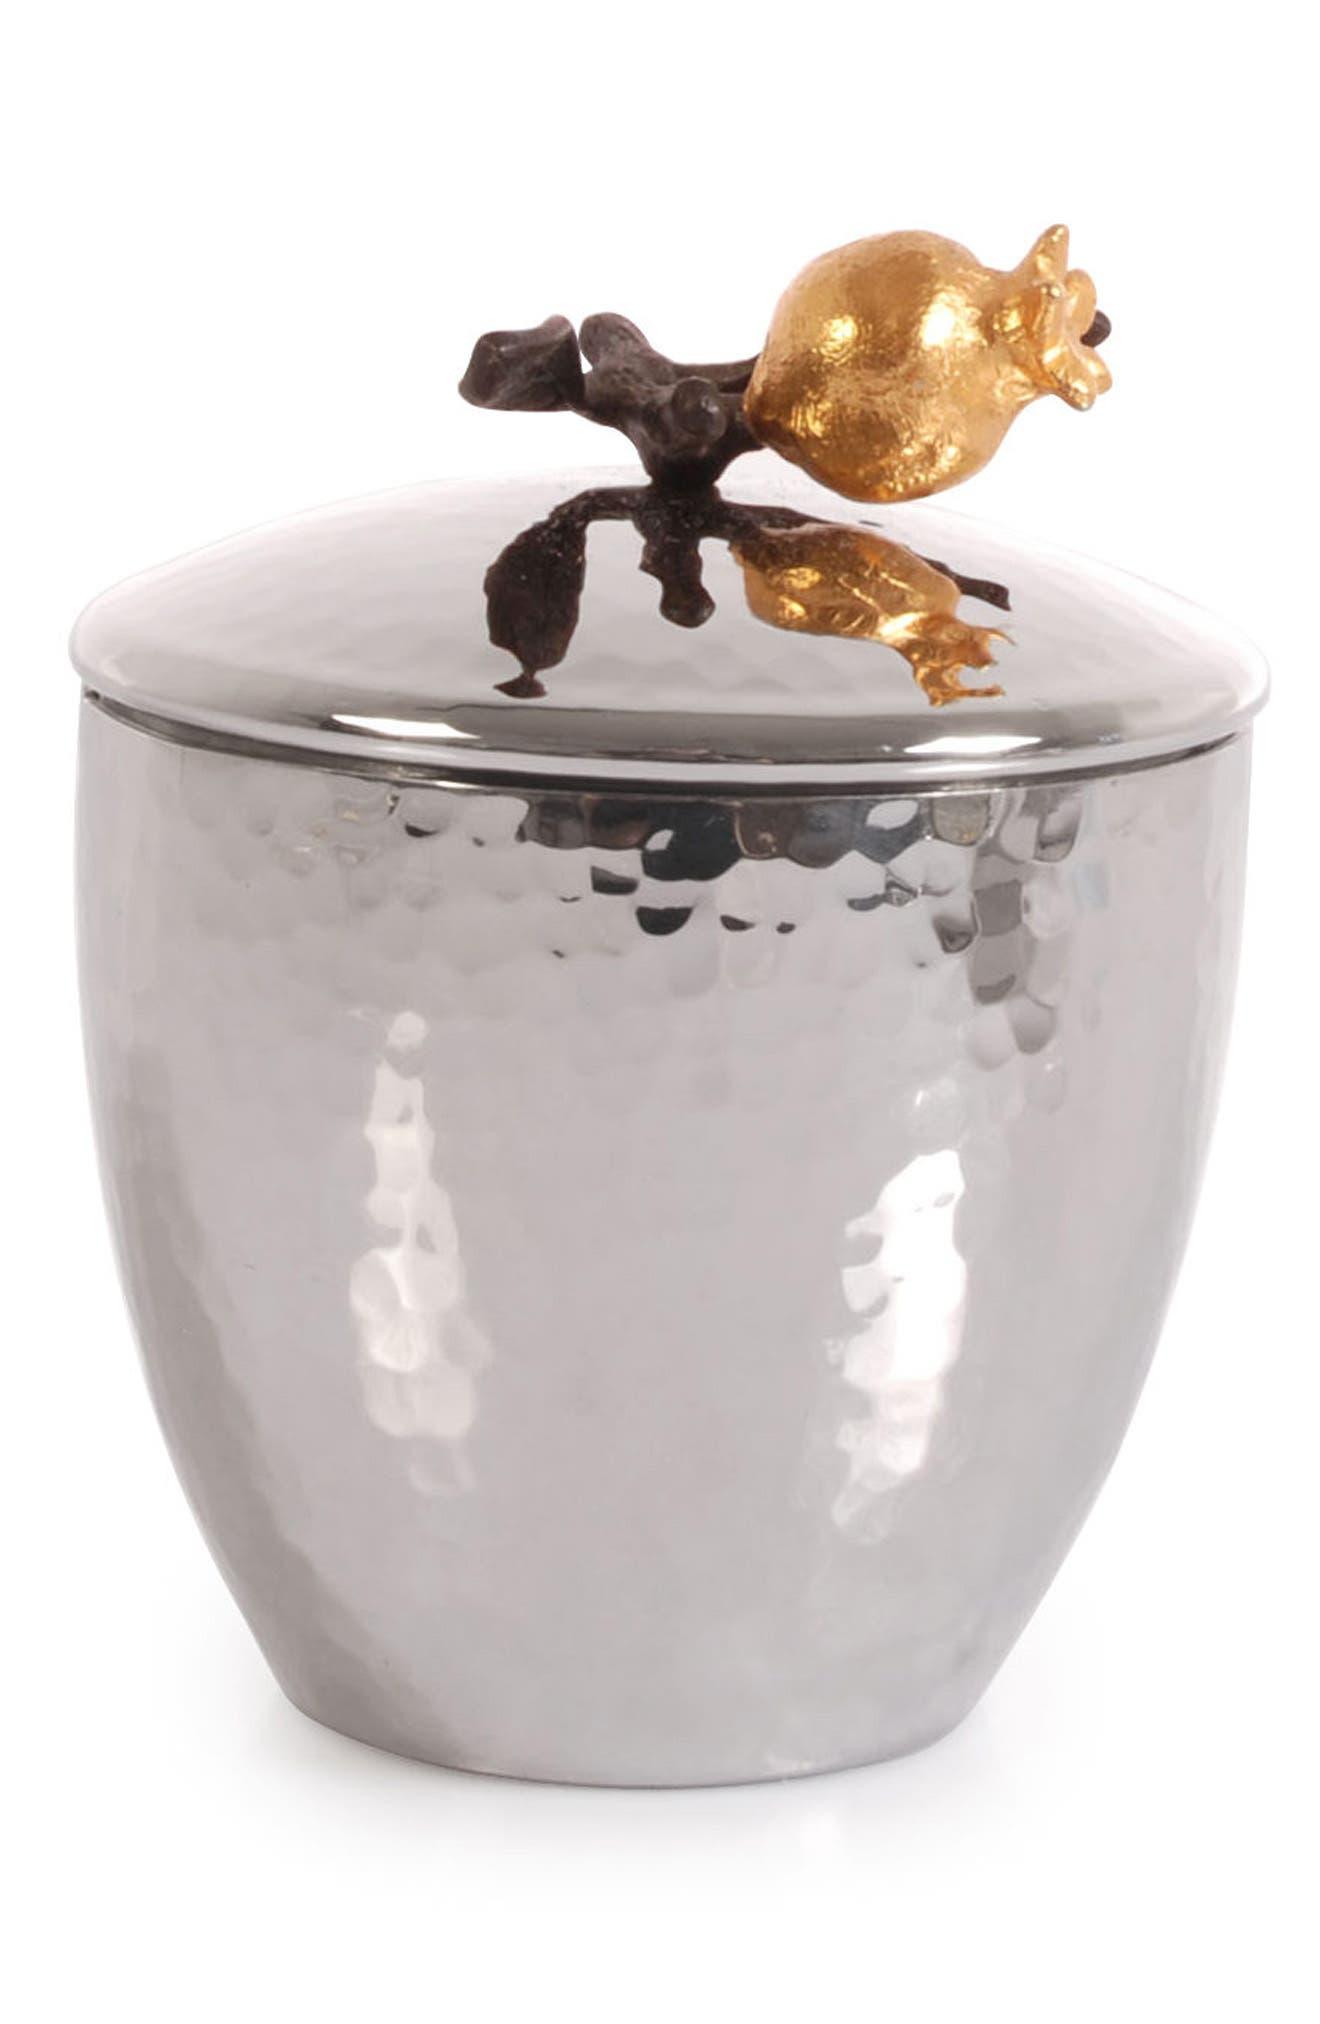 Pomegranate Sugar Bowl & Spoon,                         Main,                         color, Silver/ Gold/ Black